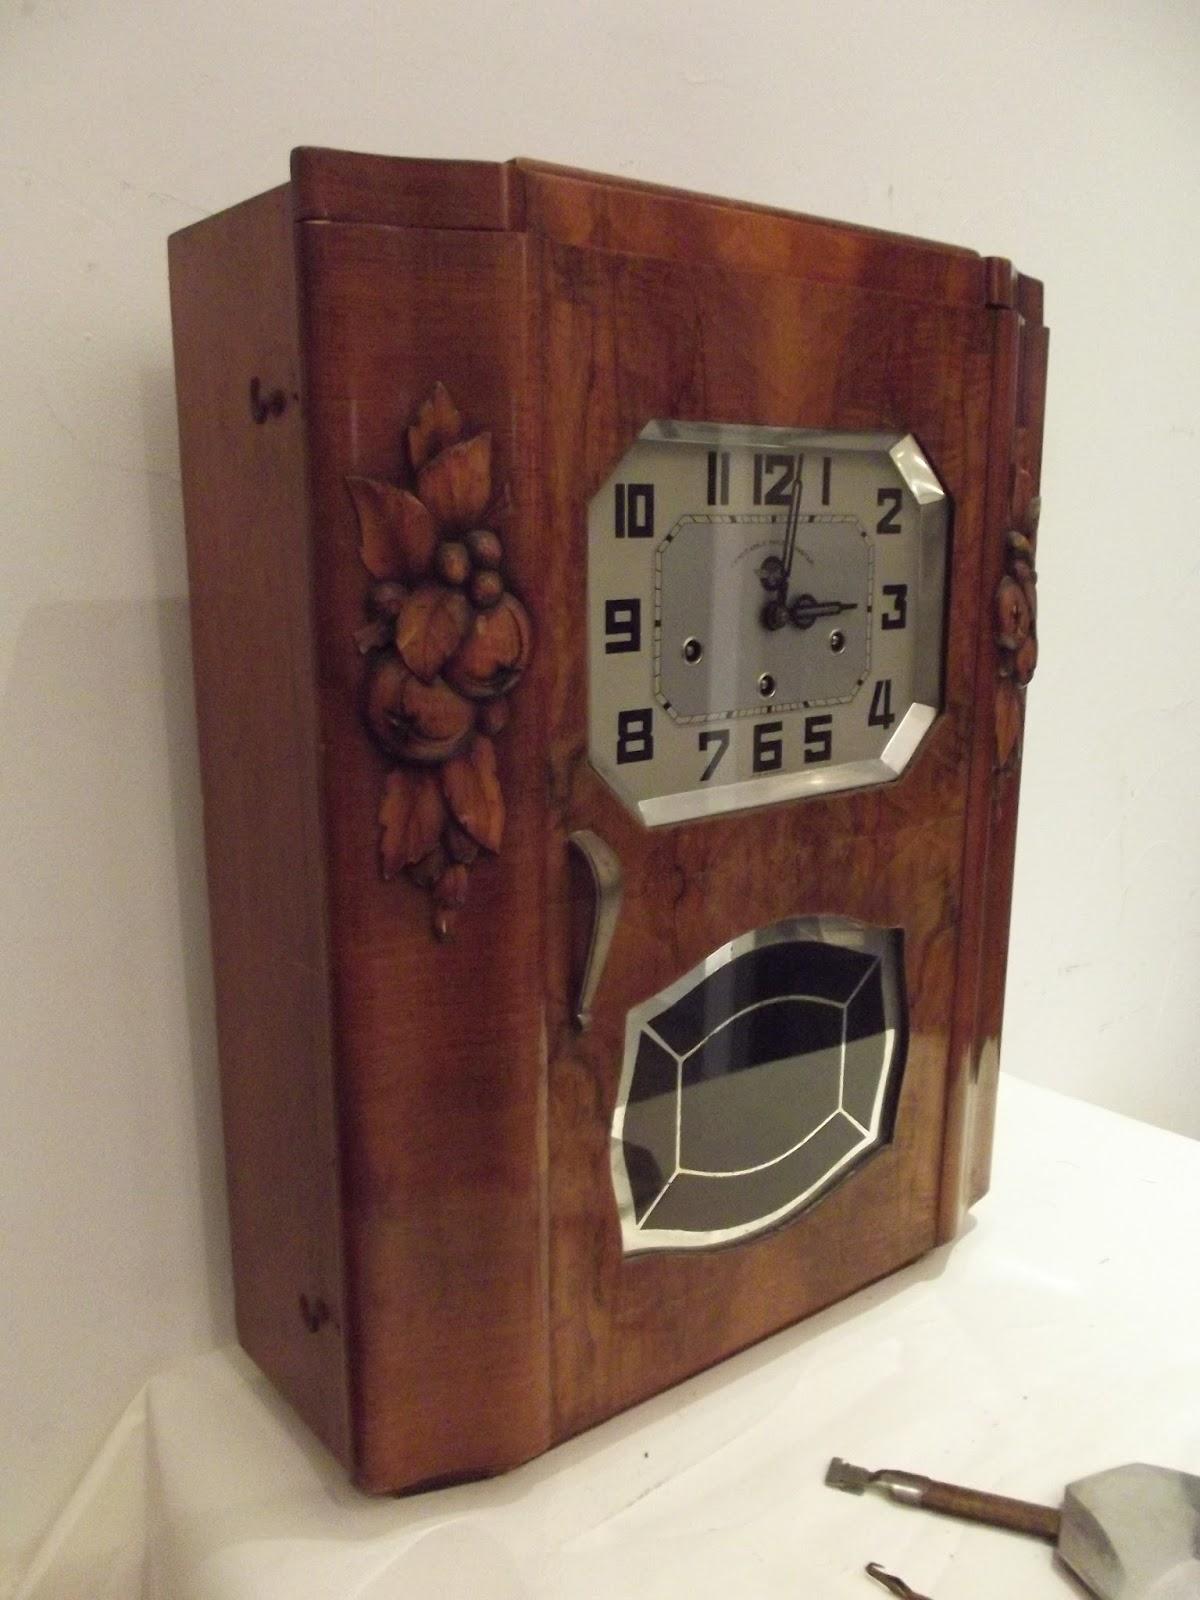 ancien carillon foret noire carrez veritable westminster a restaurer no odo. Black Bedroom Furniture Sets. Home Design Ideas